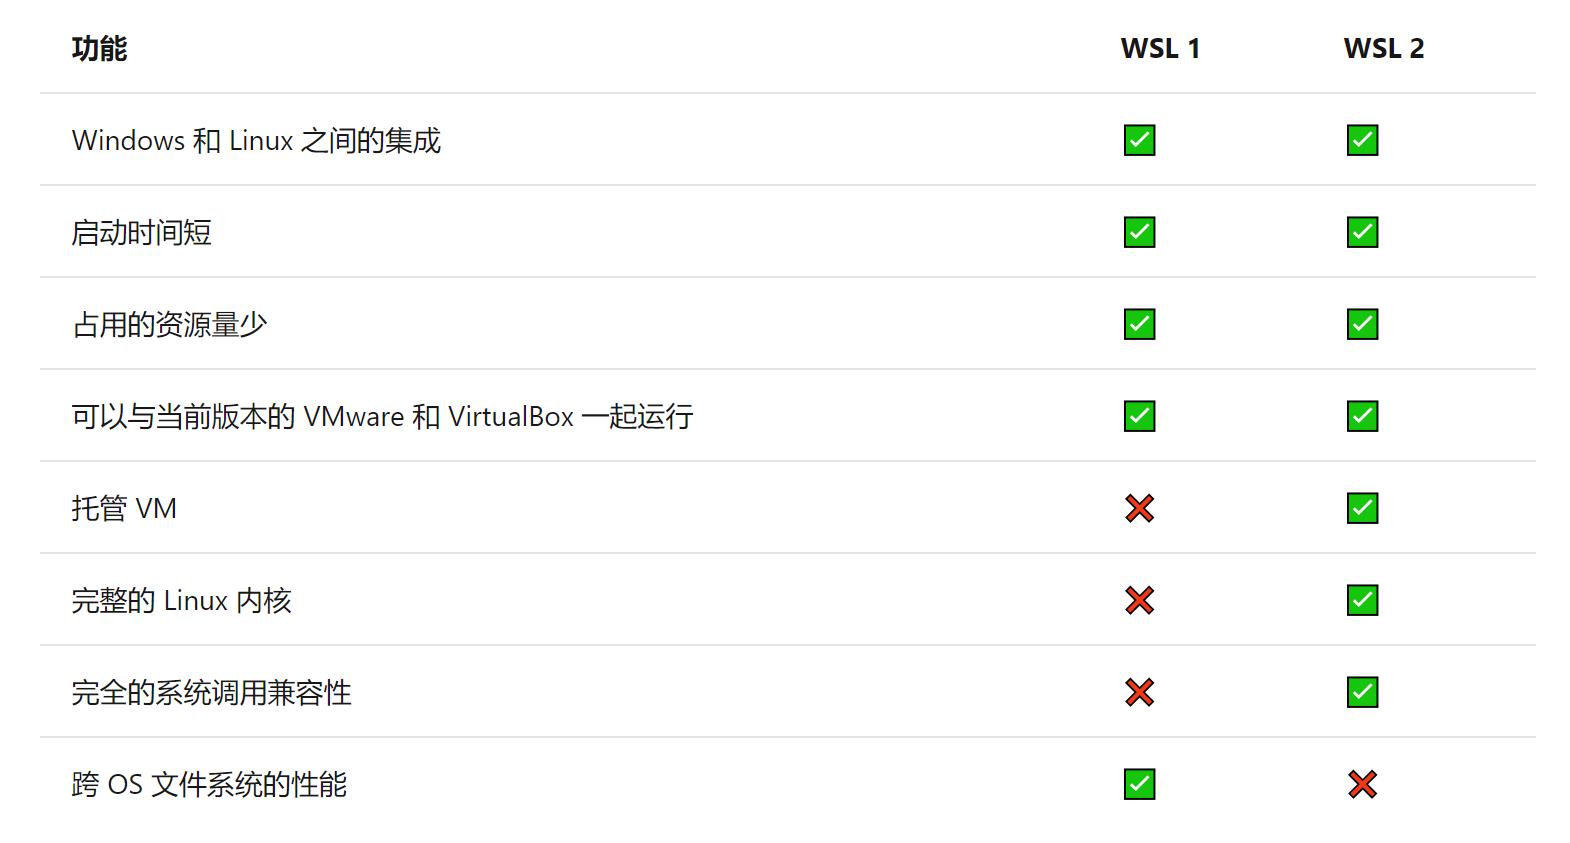 WSL1与WSL2对比